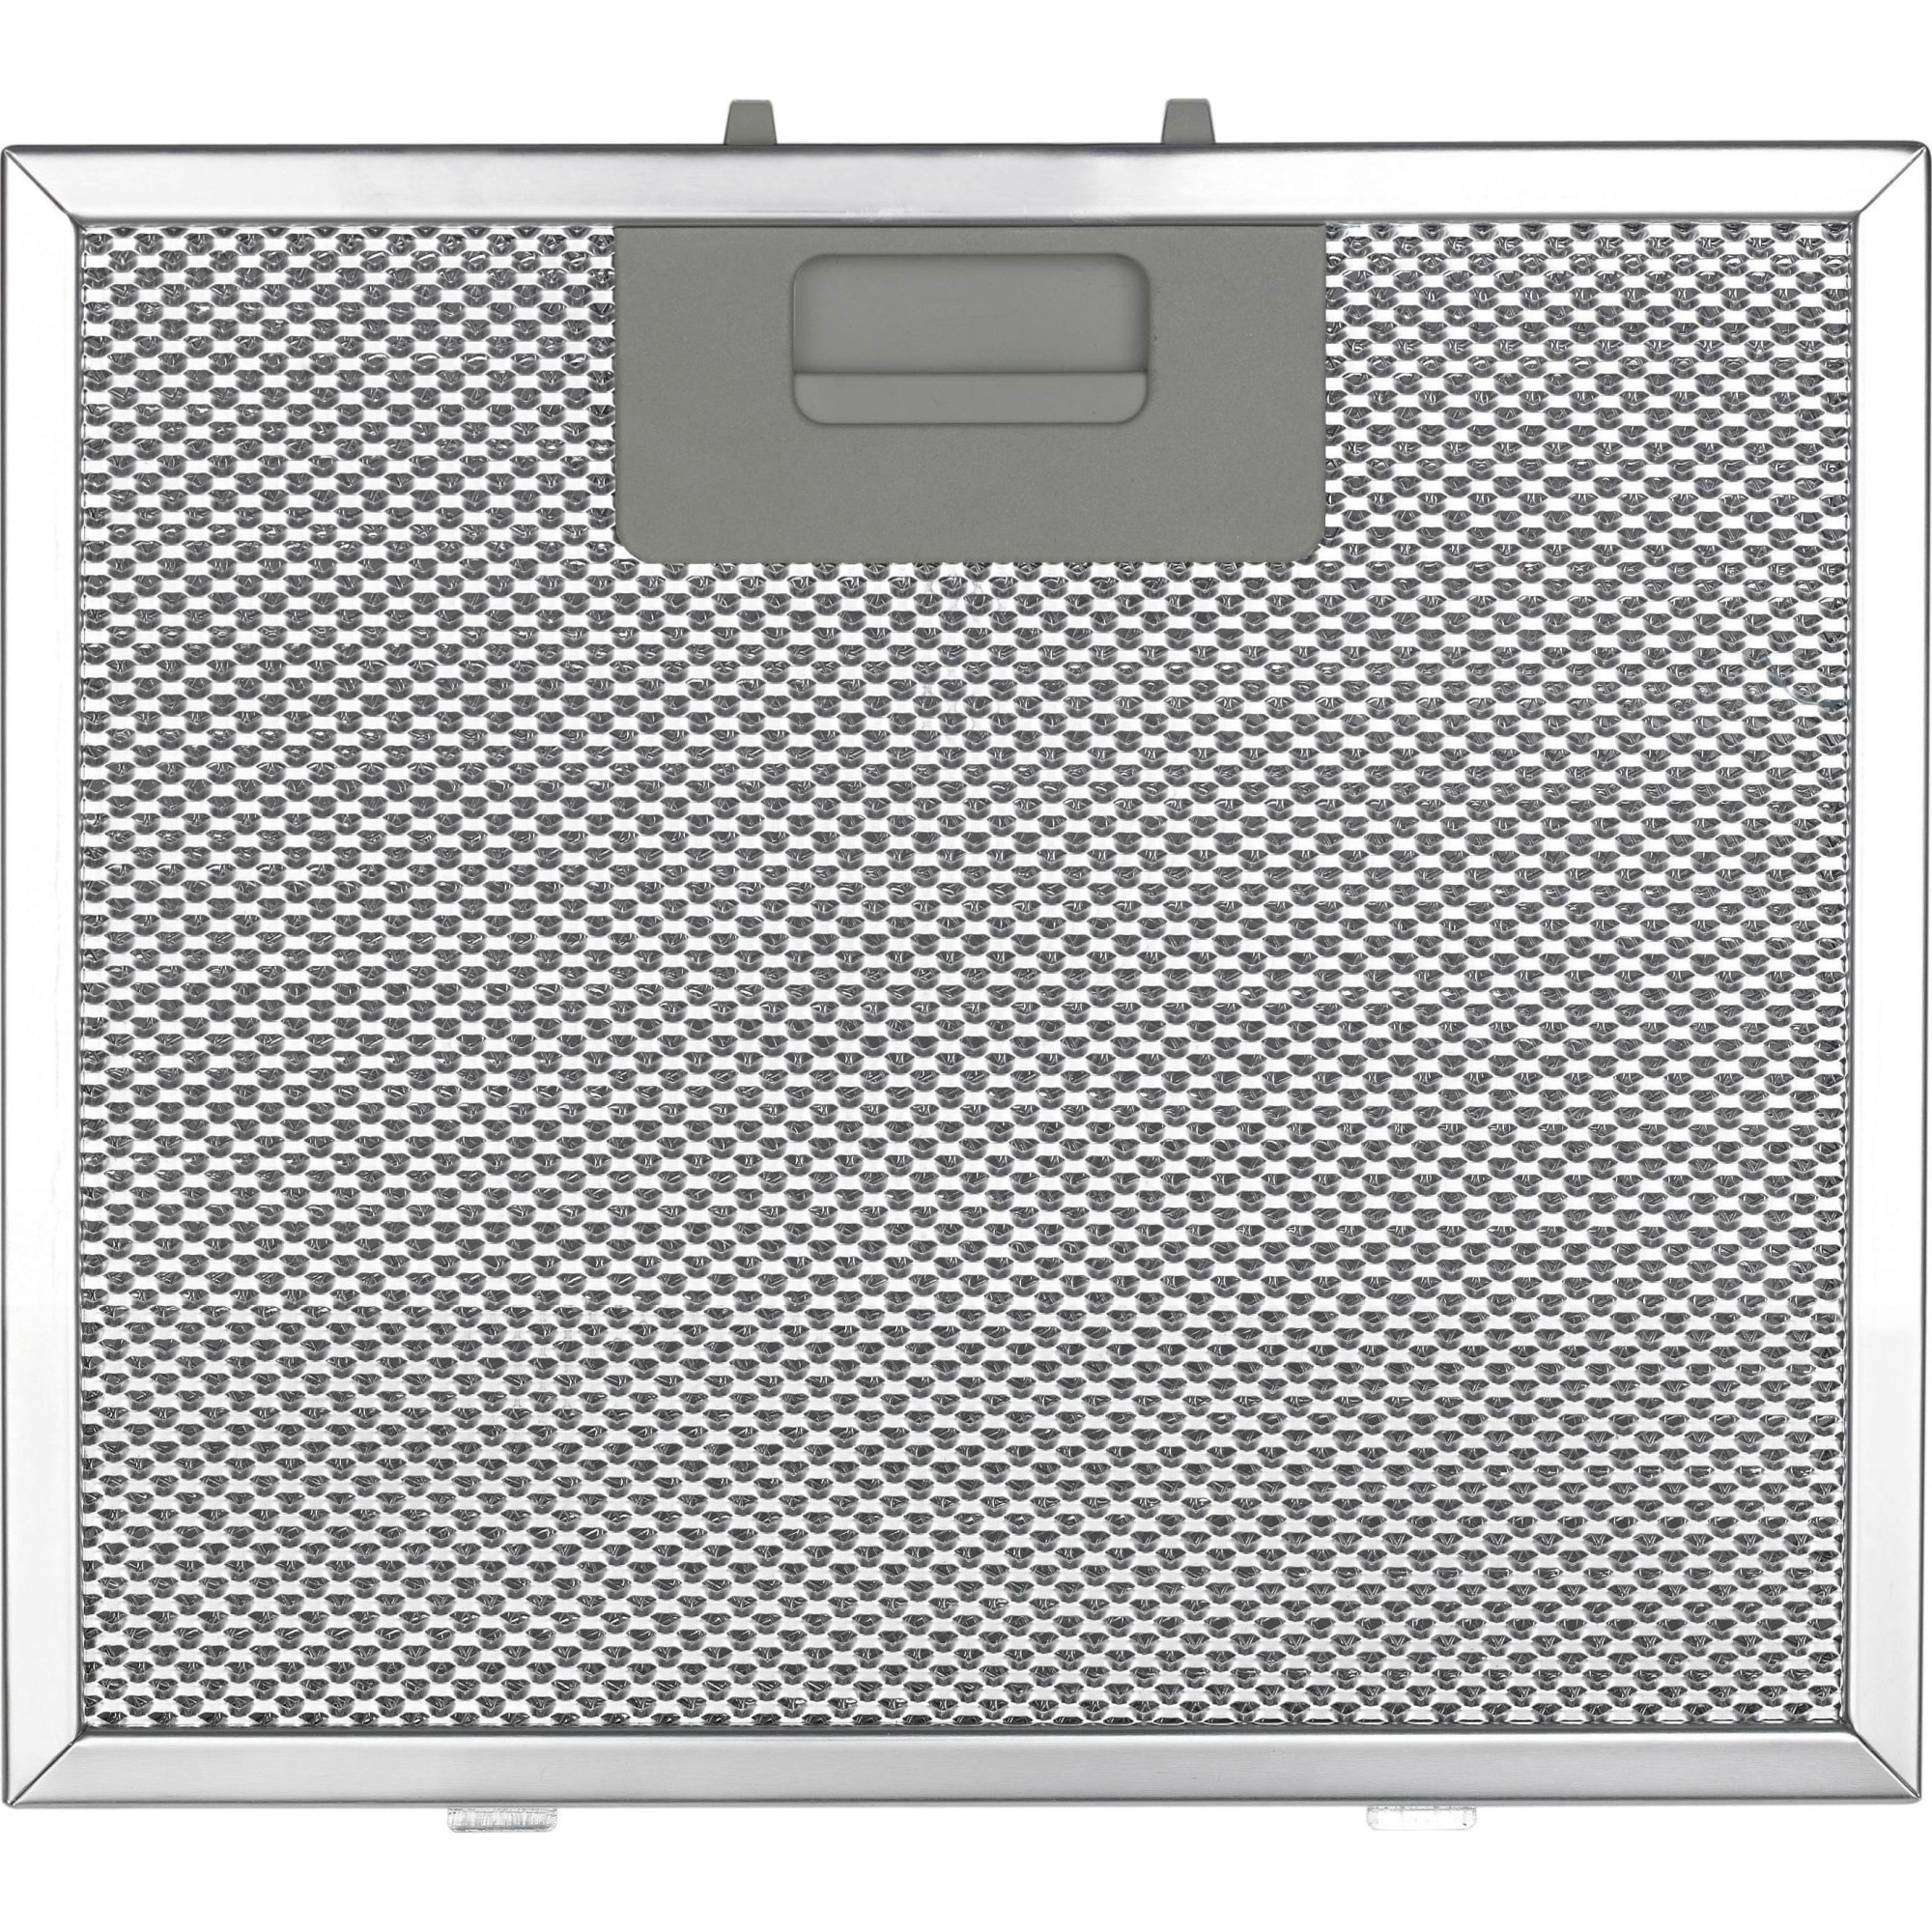 Fotografie Filtru de aluminiu pentru hota decorativa Heinner AF-650RIX, compatibil cu DCH-650RGBK, DCH-650RIX, 25.9 x 30.4 x 0.9 cm